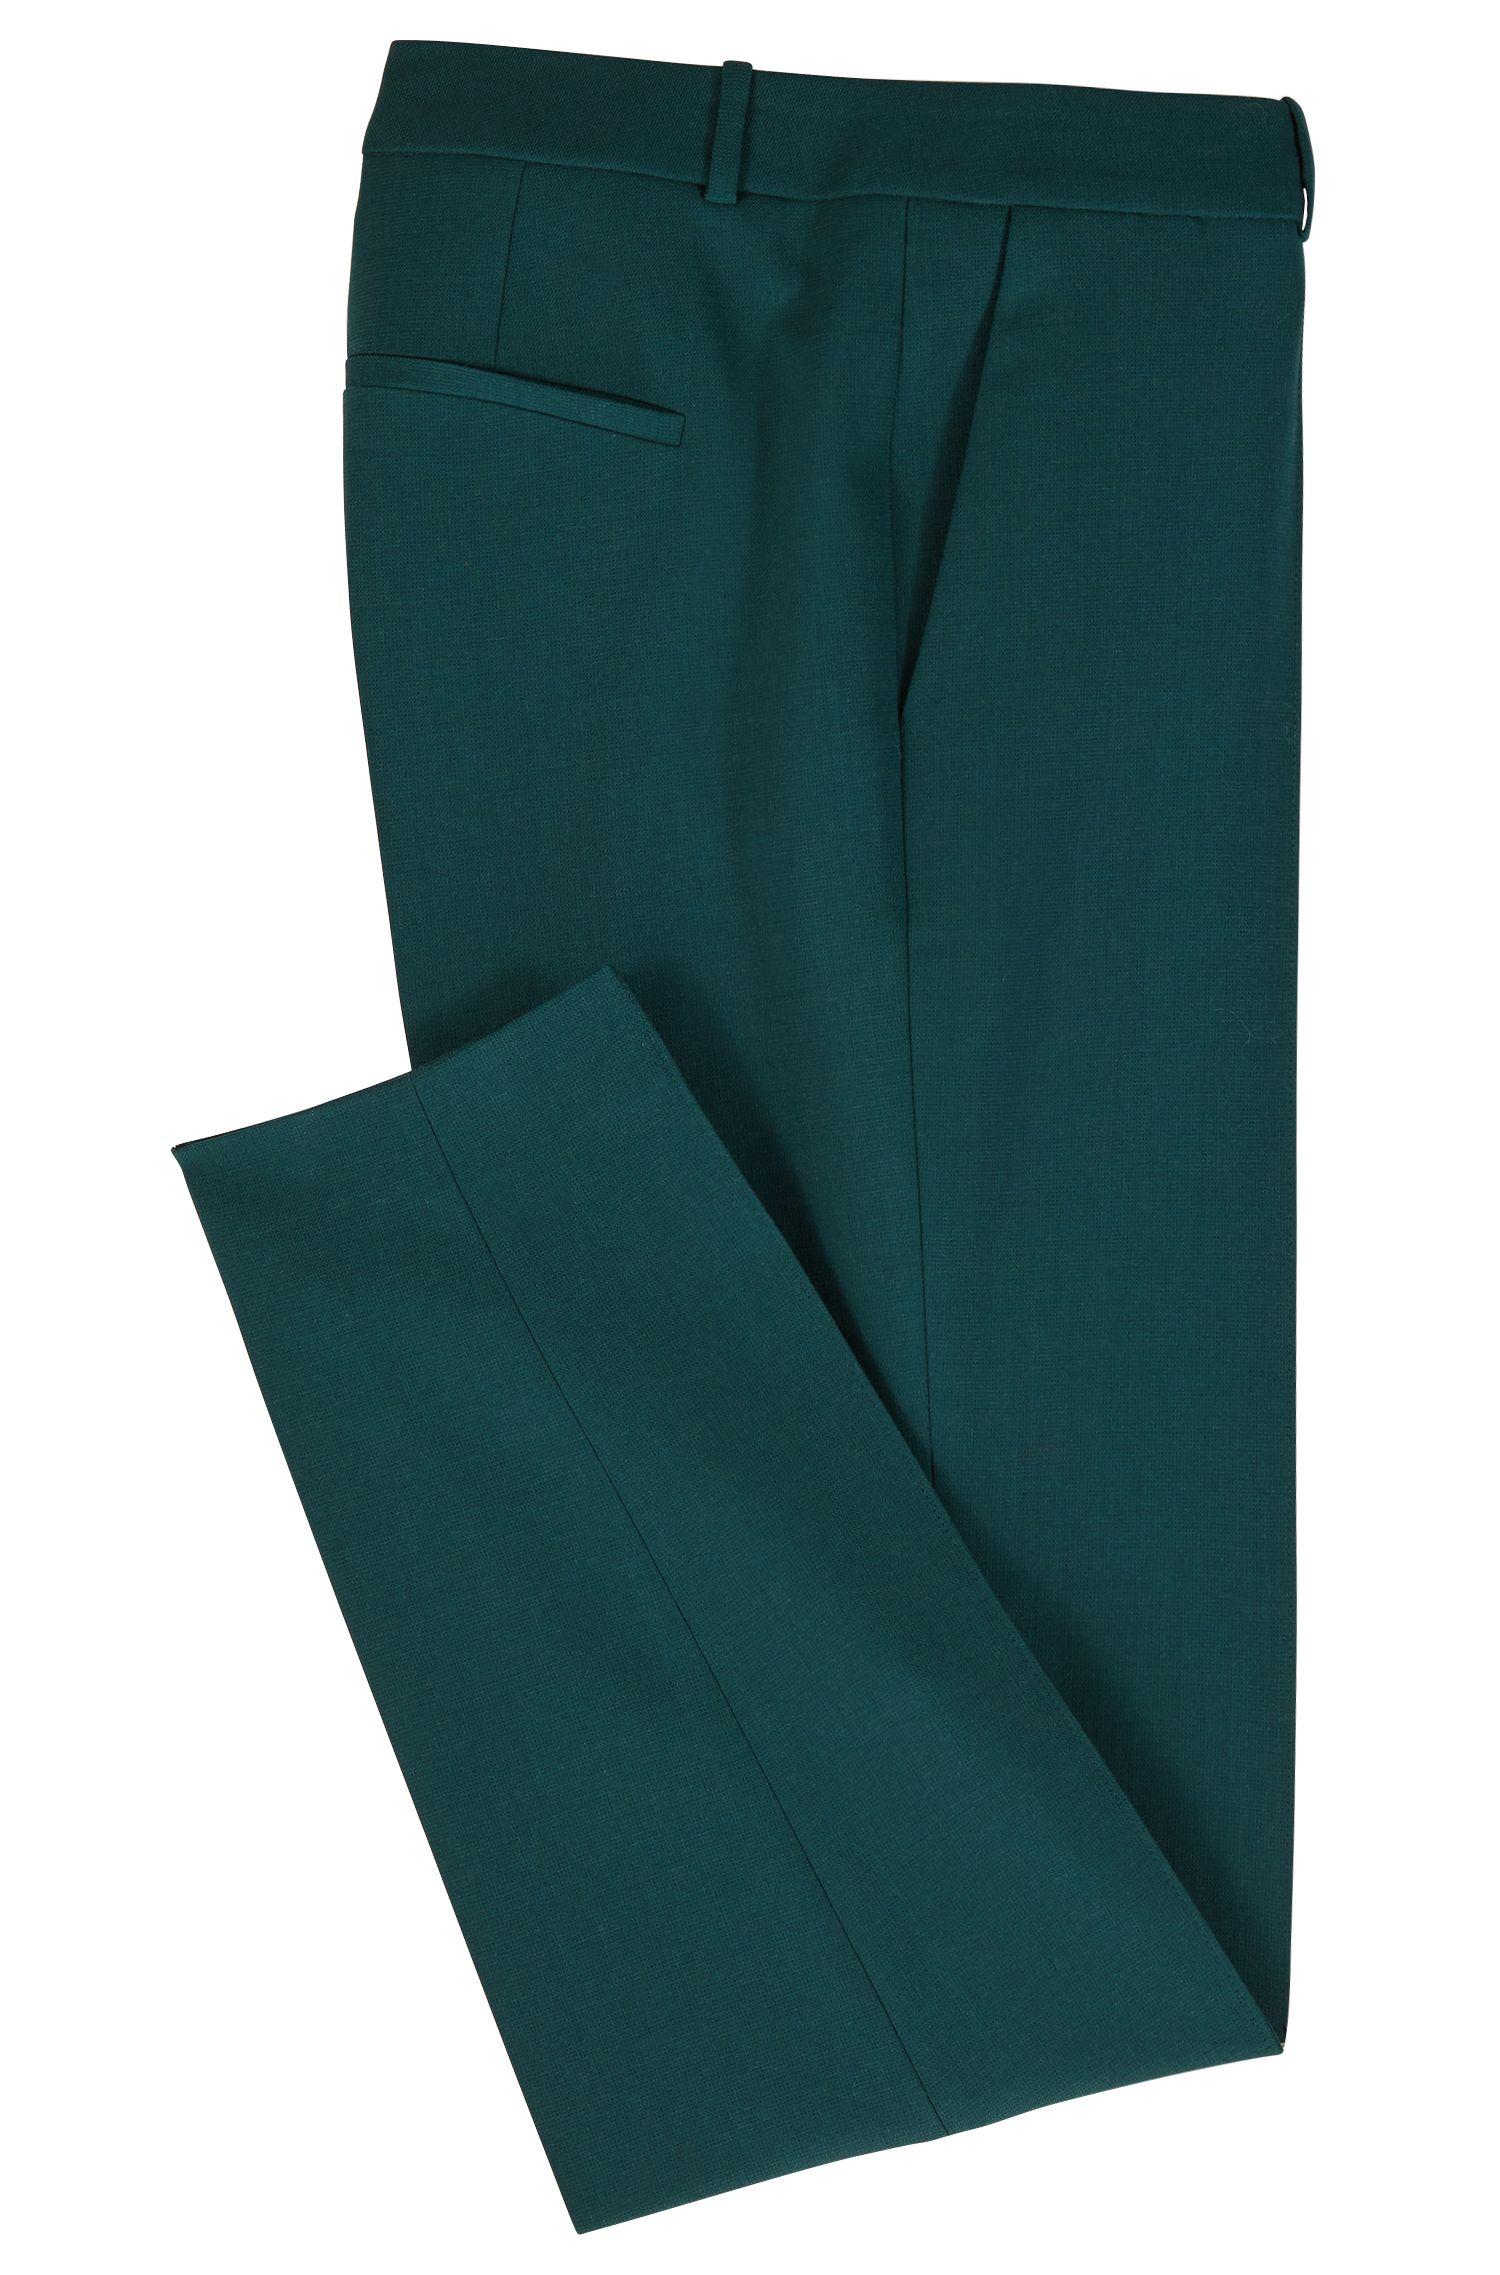 Pleat-front pants in stretch virgin wool, Open Green